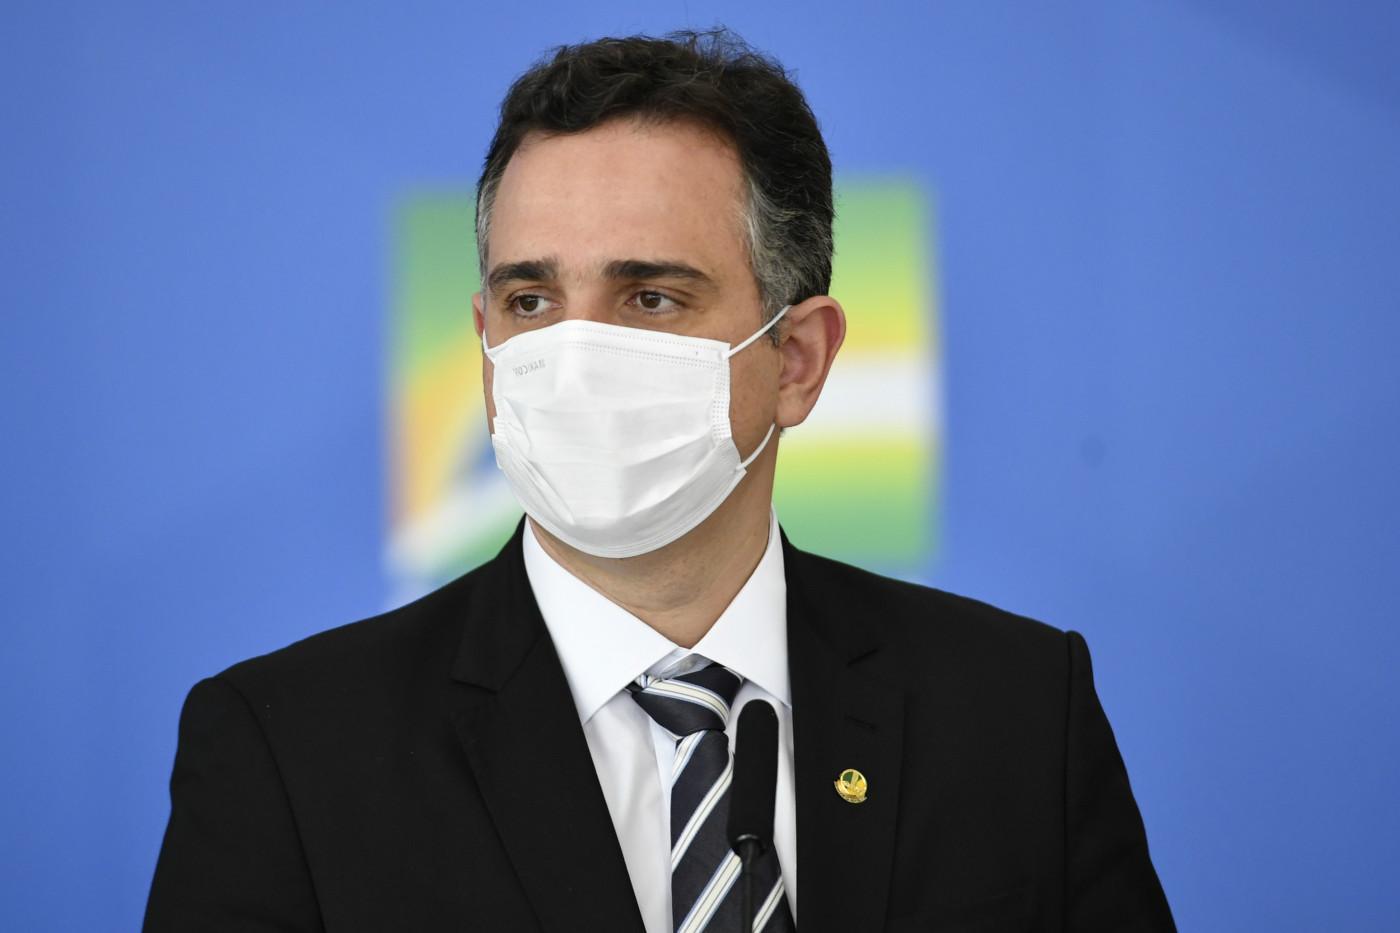 presidente do Senado, Rodrigo Pacheco durante evento